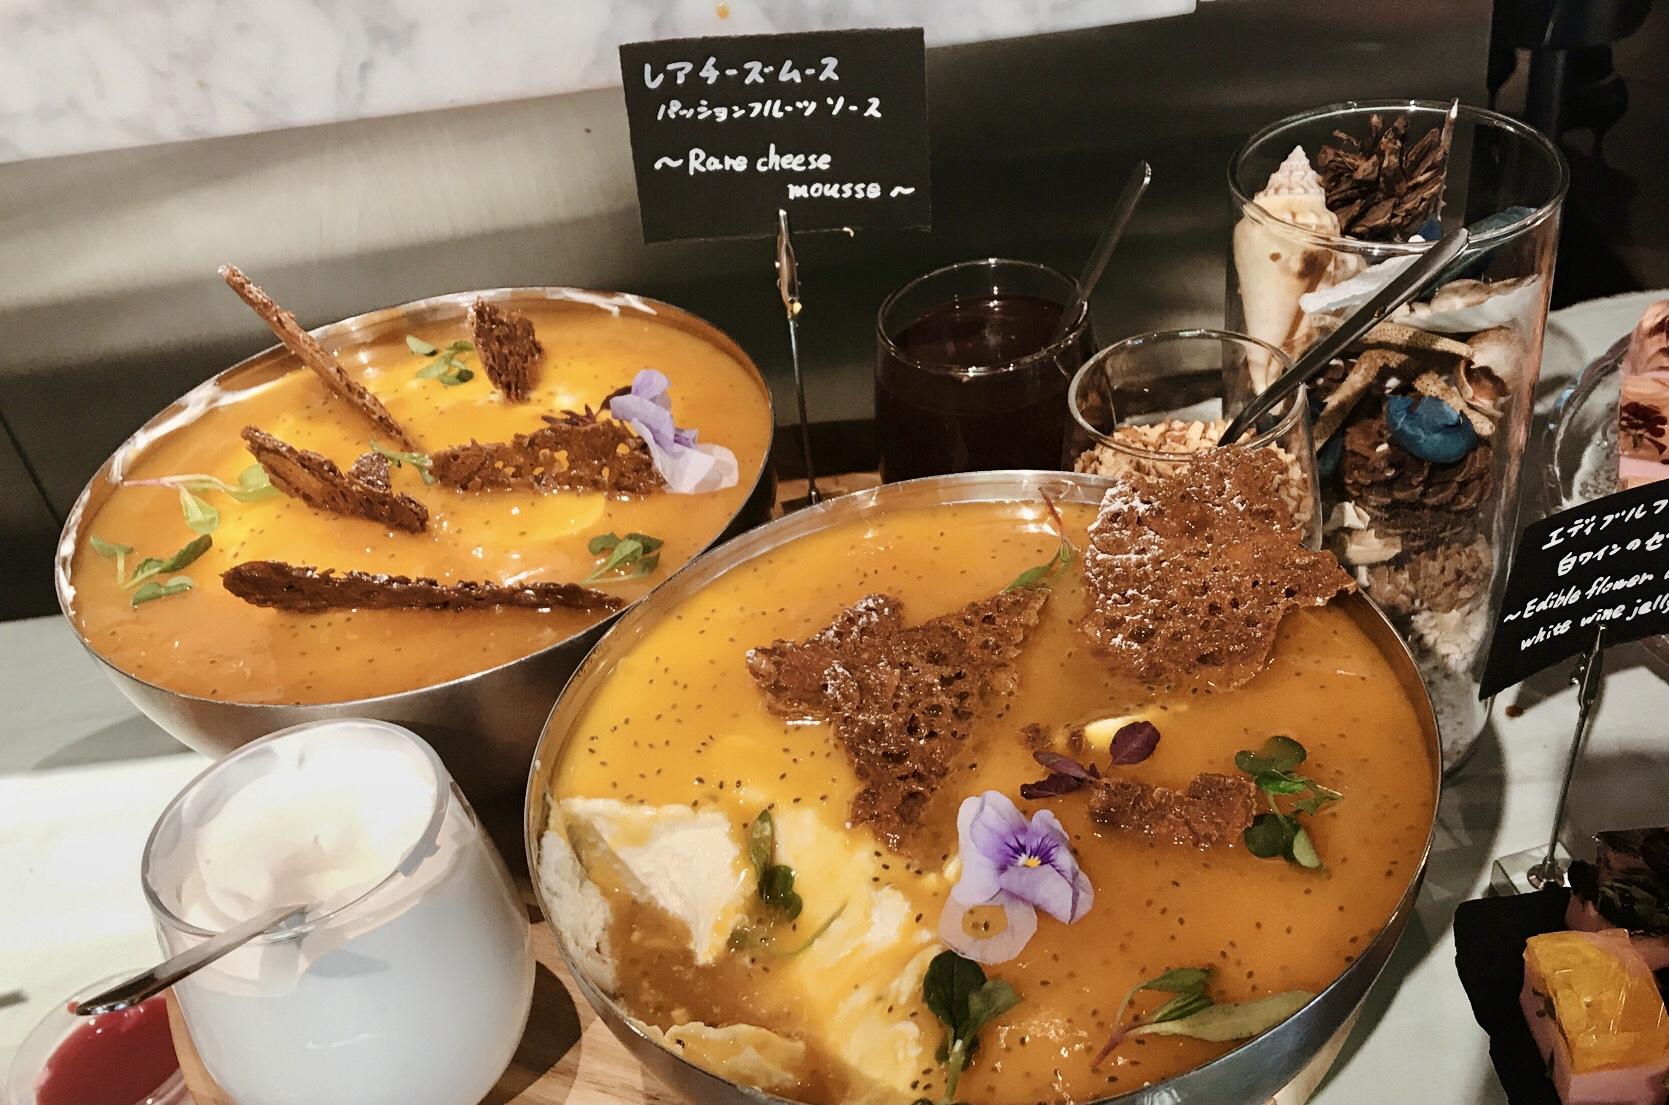 酸味のあるフルーツソースとチーズケーキの組み合わせが絶妙!